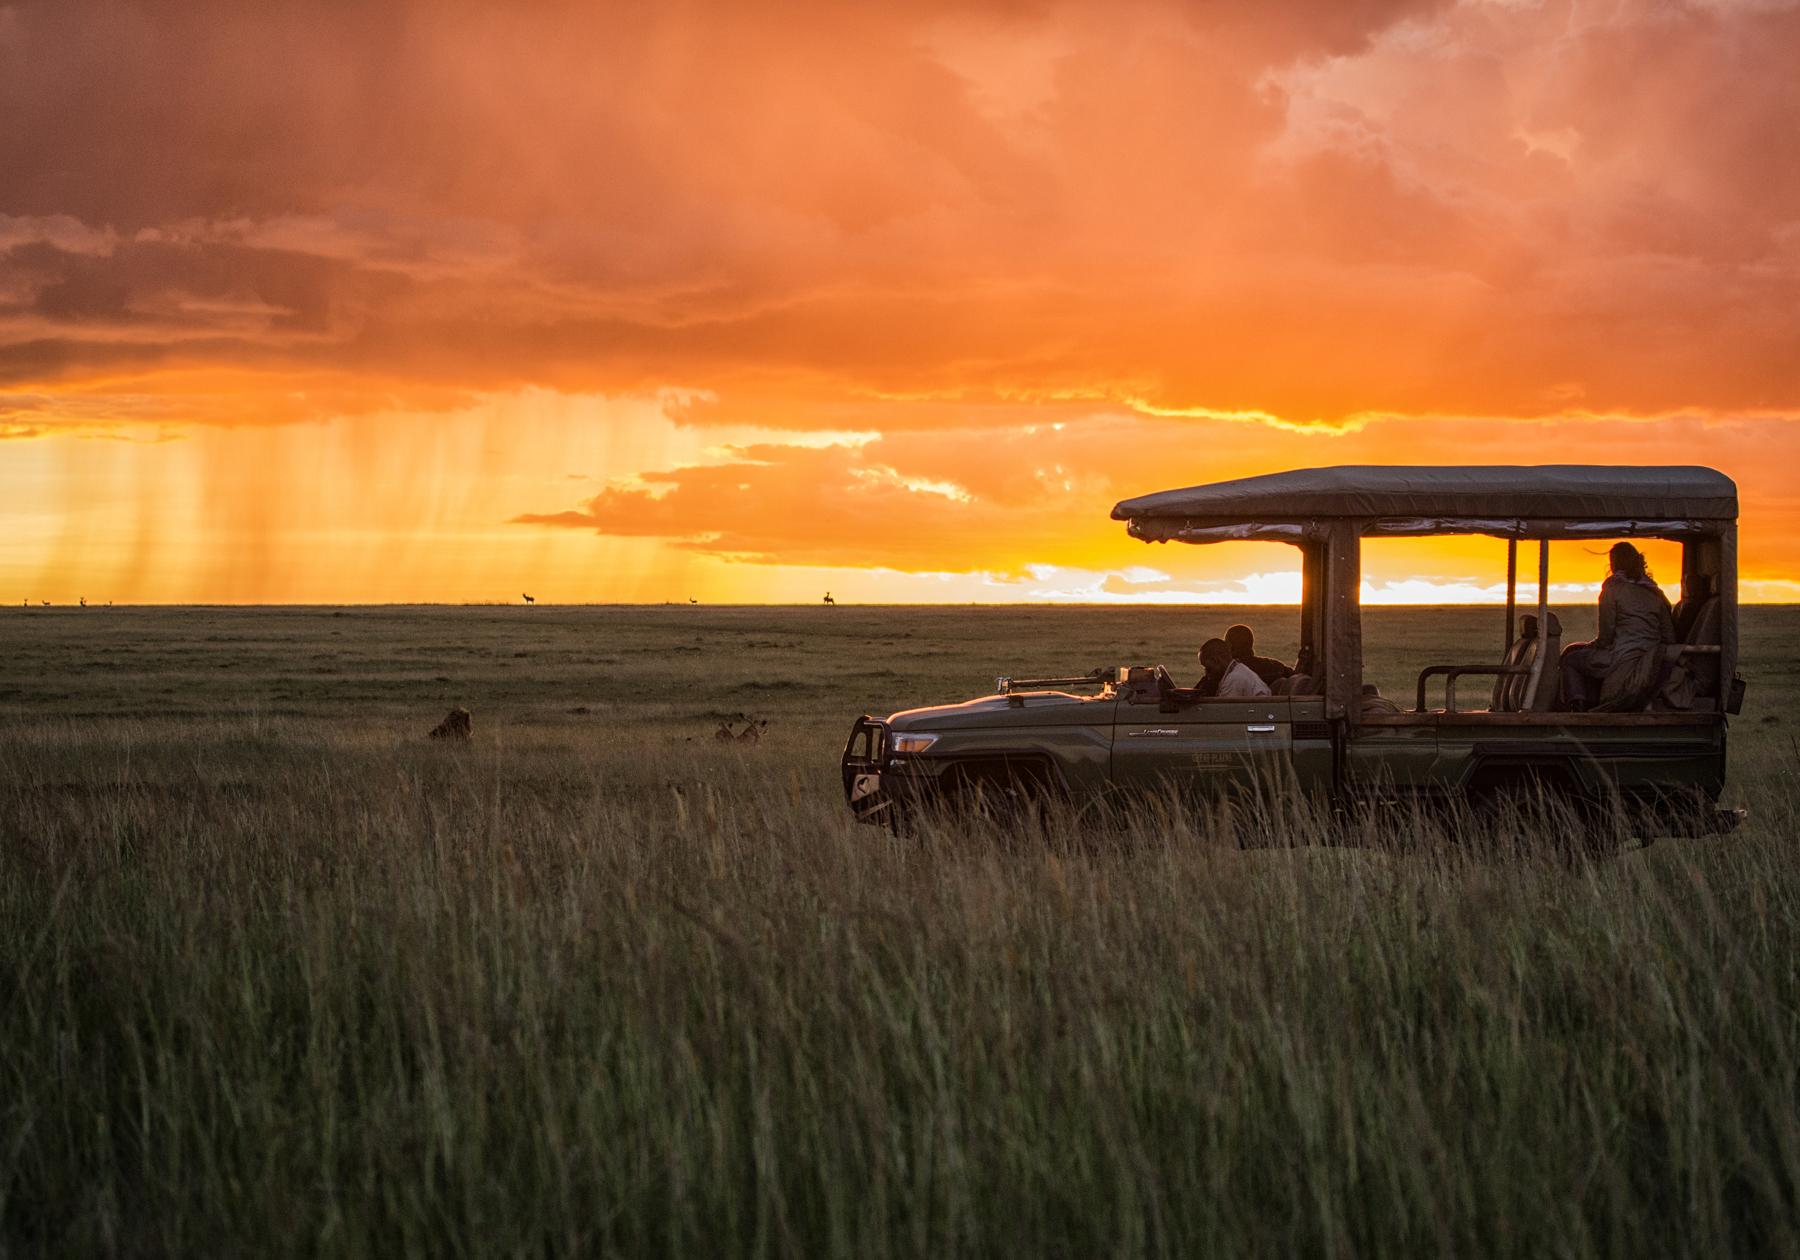 Sunset_Mara plains_3